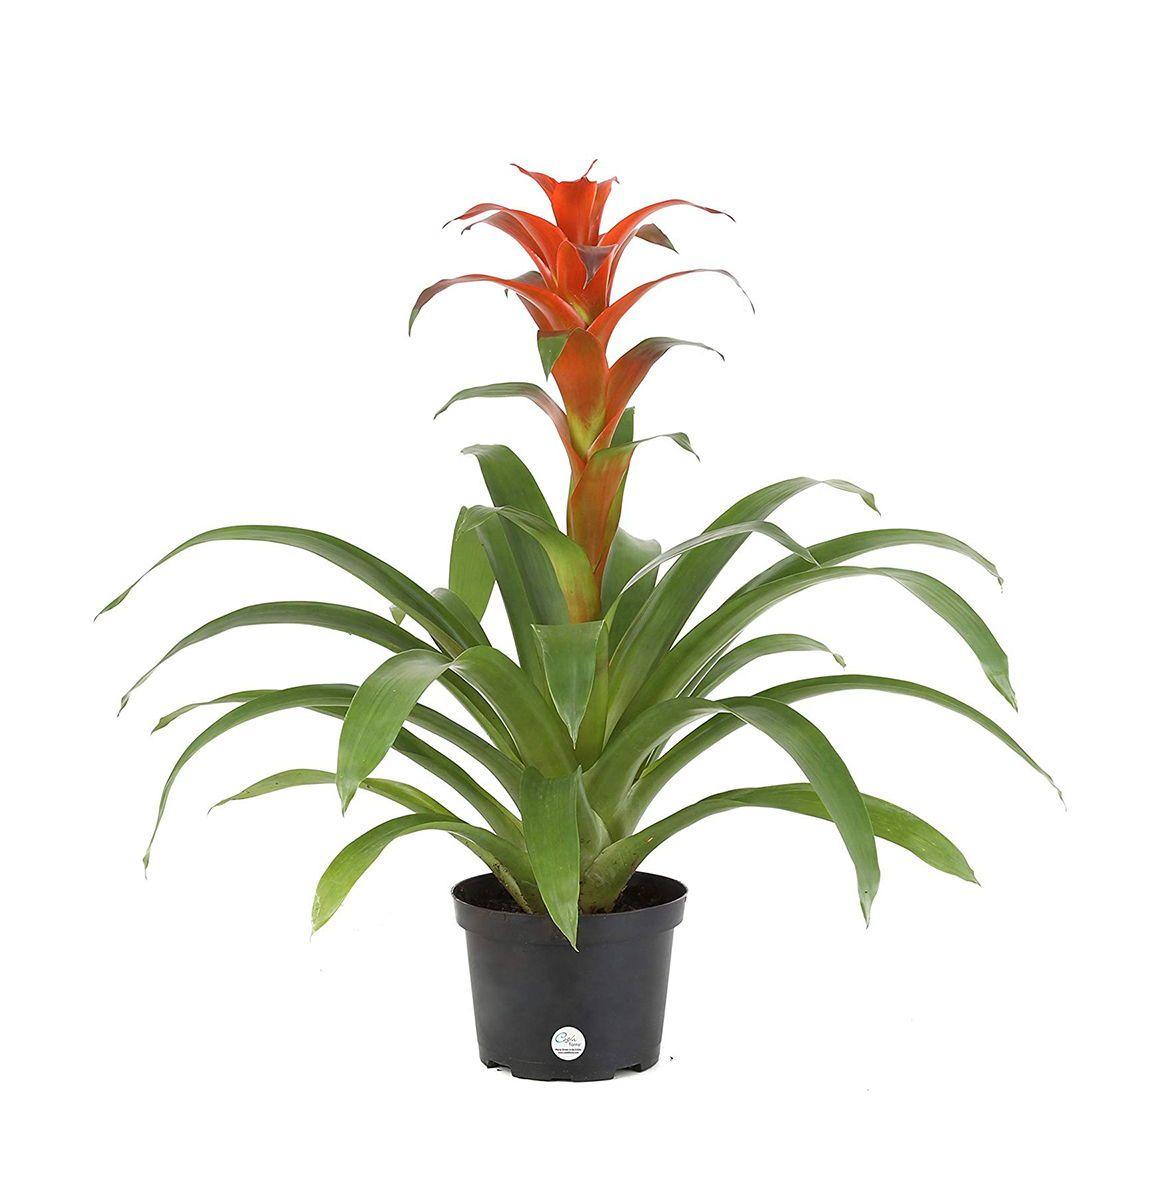 Amazon S Plants Store Has All Types Of Indoor And Outdoor Plants Indoor Flowering Plants Best Indoor Plants Low Light House Plants